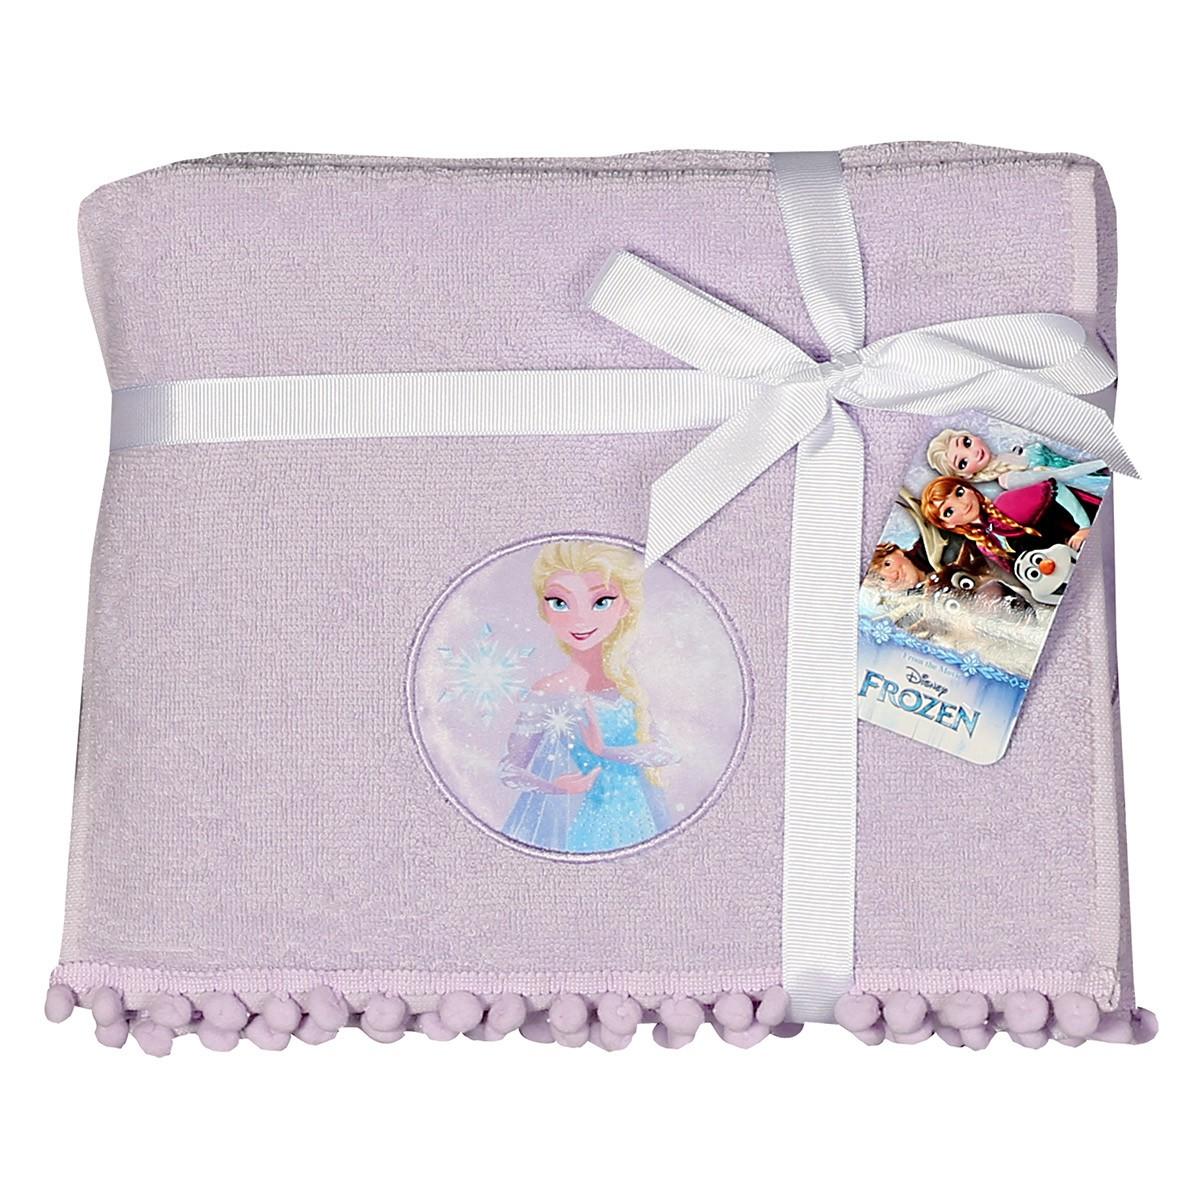 Πετσέτες Μπάνιου (Σετ 2τμχ) Nef-Nef Disney Frozen Magic 88897